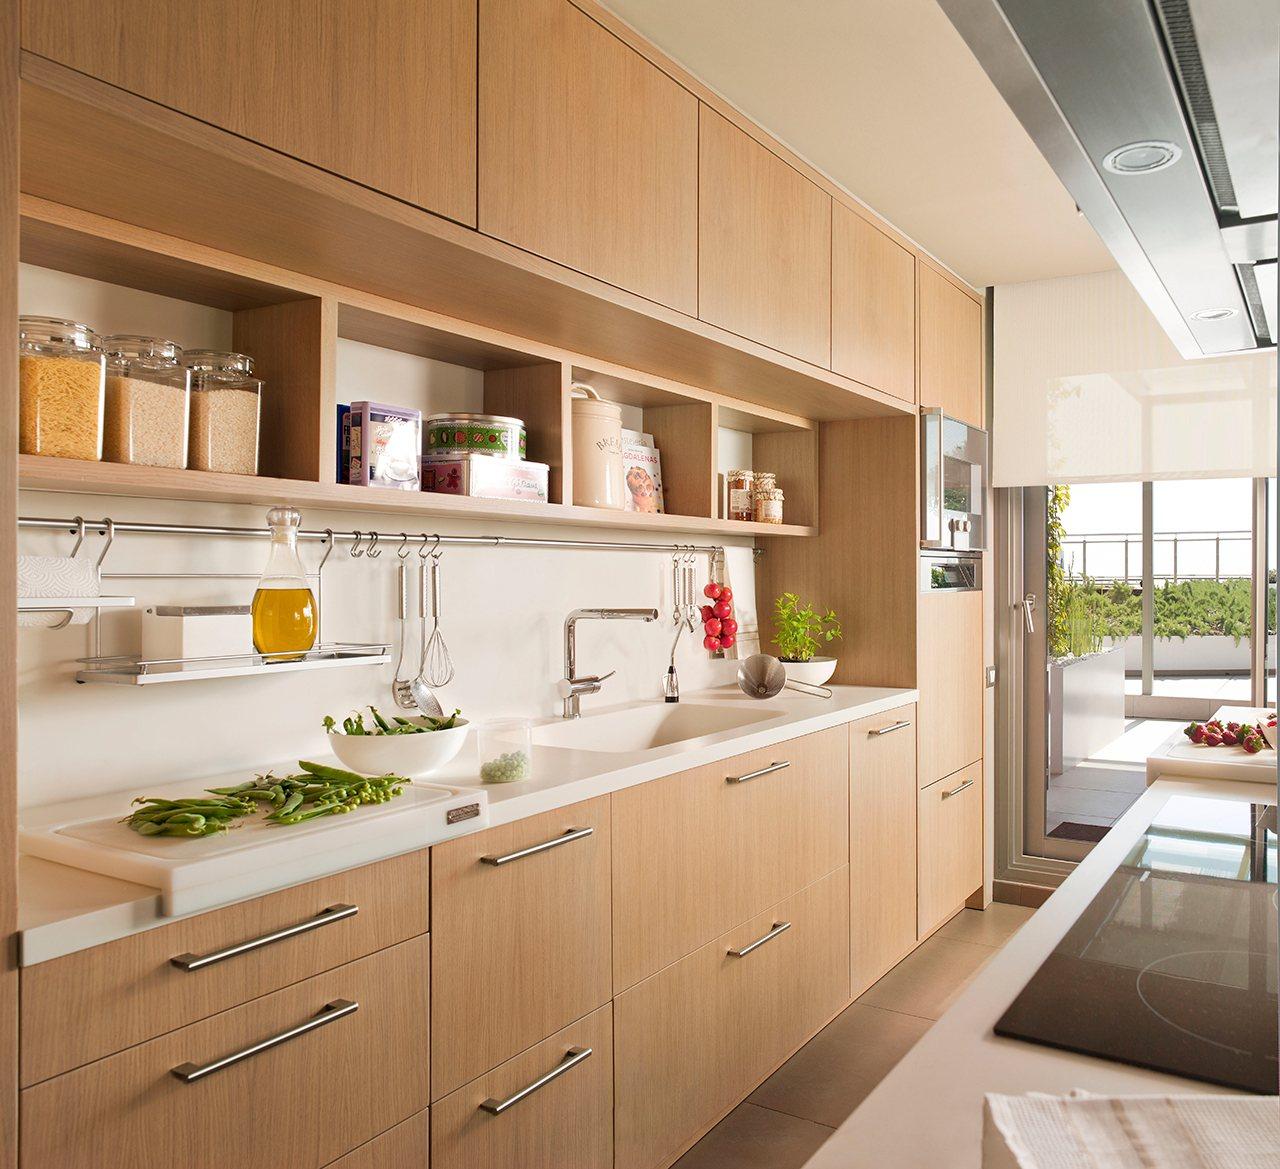 ideas para aprovechar el espacio en las cocinas peque as